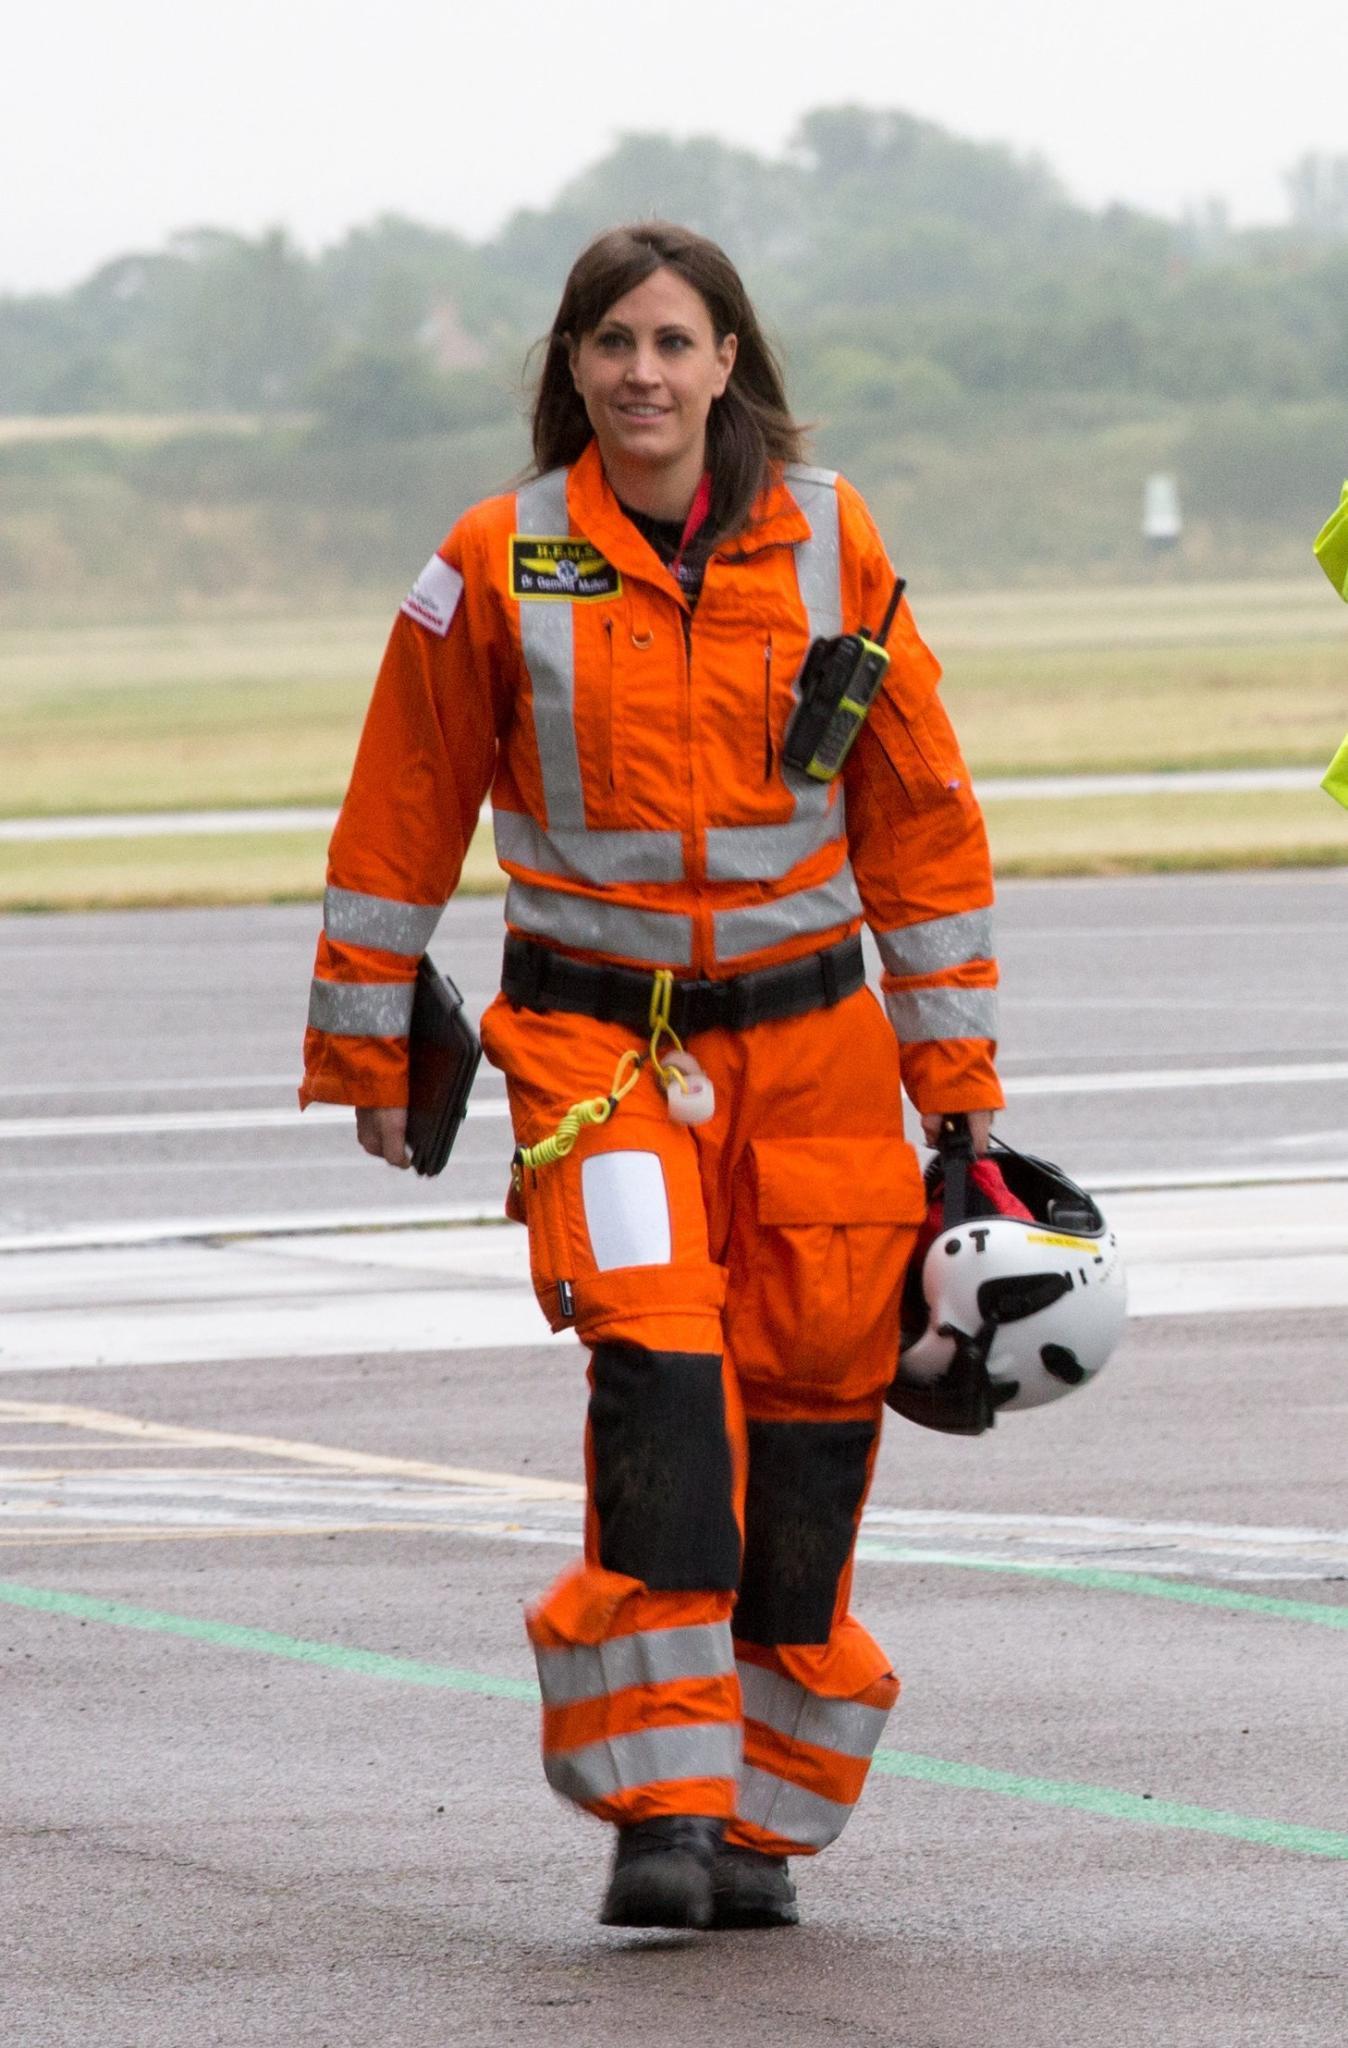 """DR. Gemma Mullen, 33,ist eine neue Kollegin von Prinz William bei der """"East Anglian Air Ambulance"""". Mit ihren langen braunen Haare und ihren Gesichtszüge erinnere sie an Williams Frau Kate, finden die Reporter britischer Medien."""